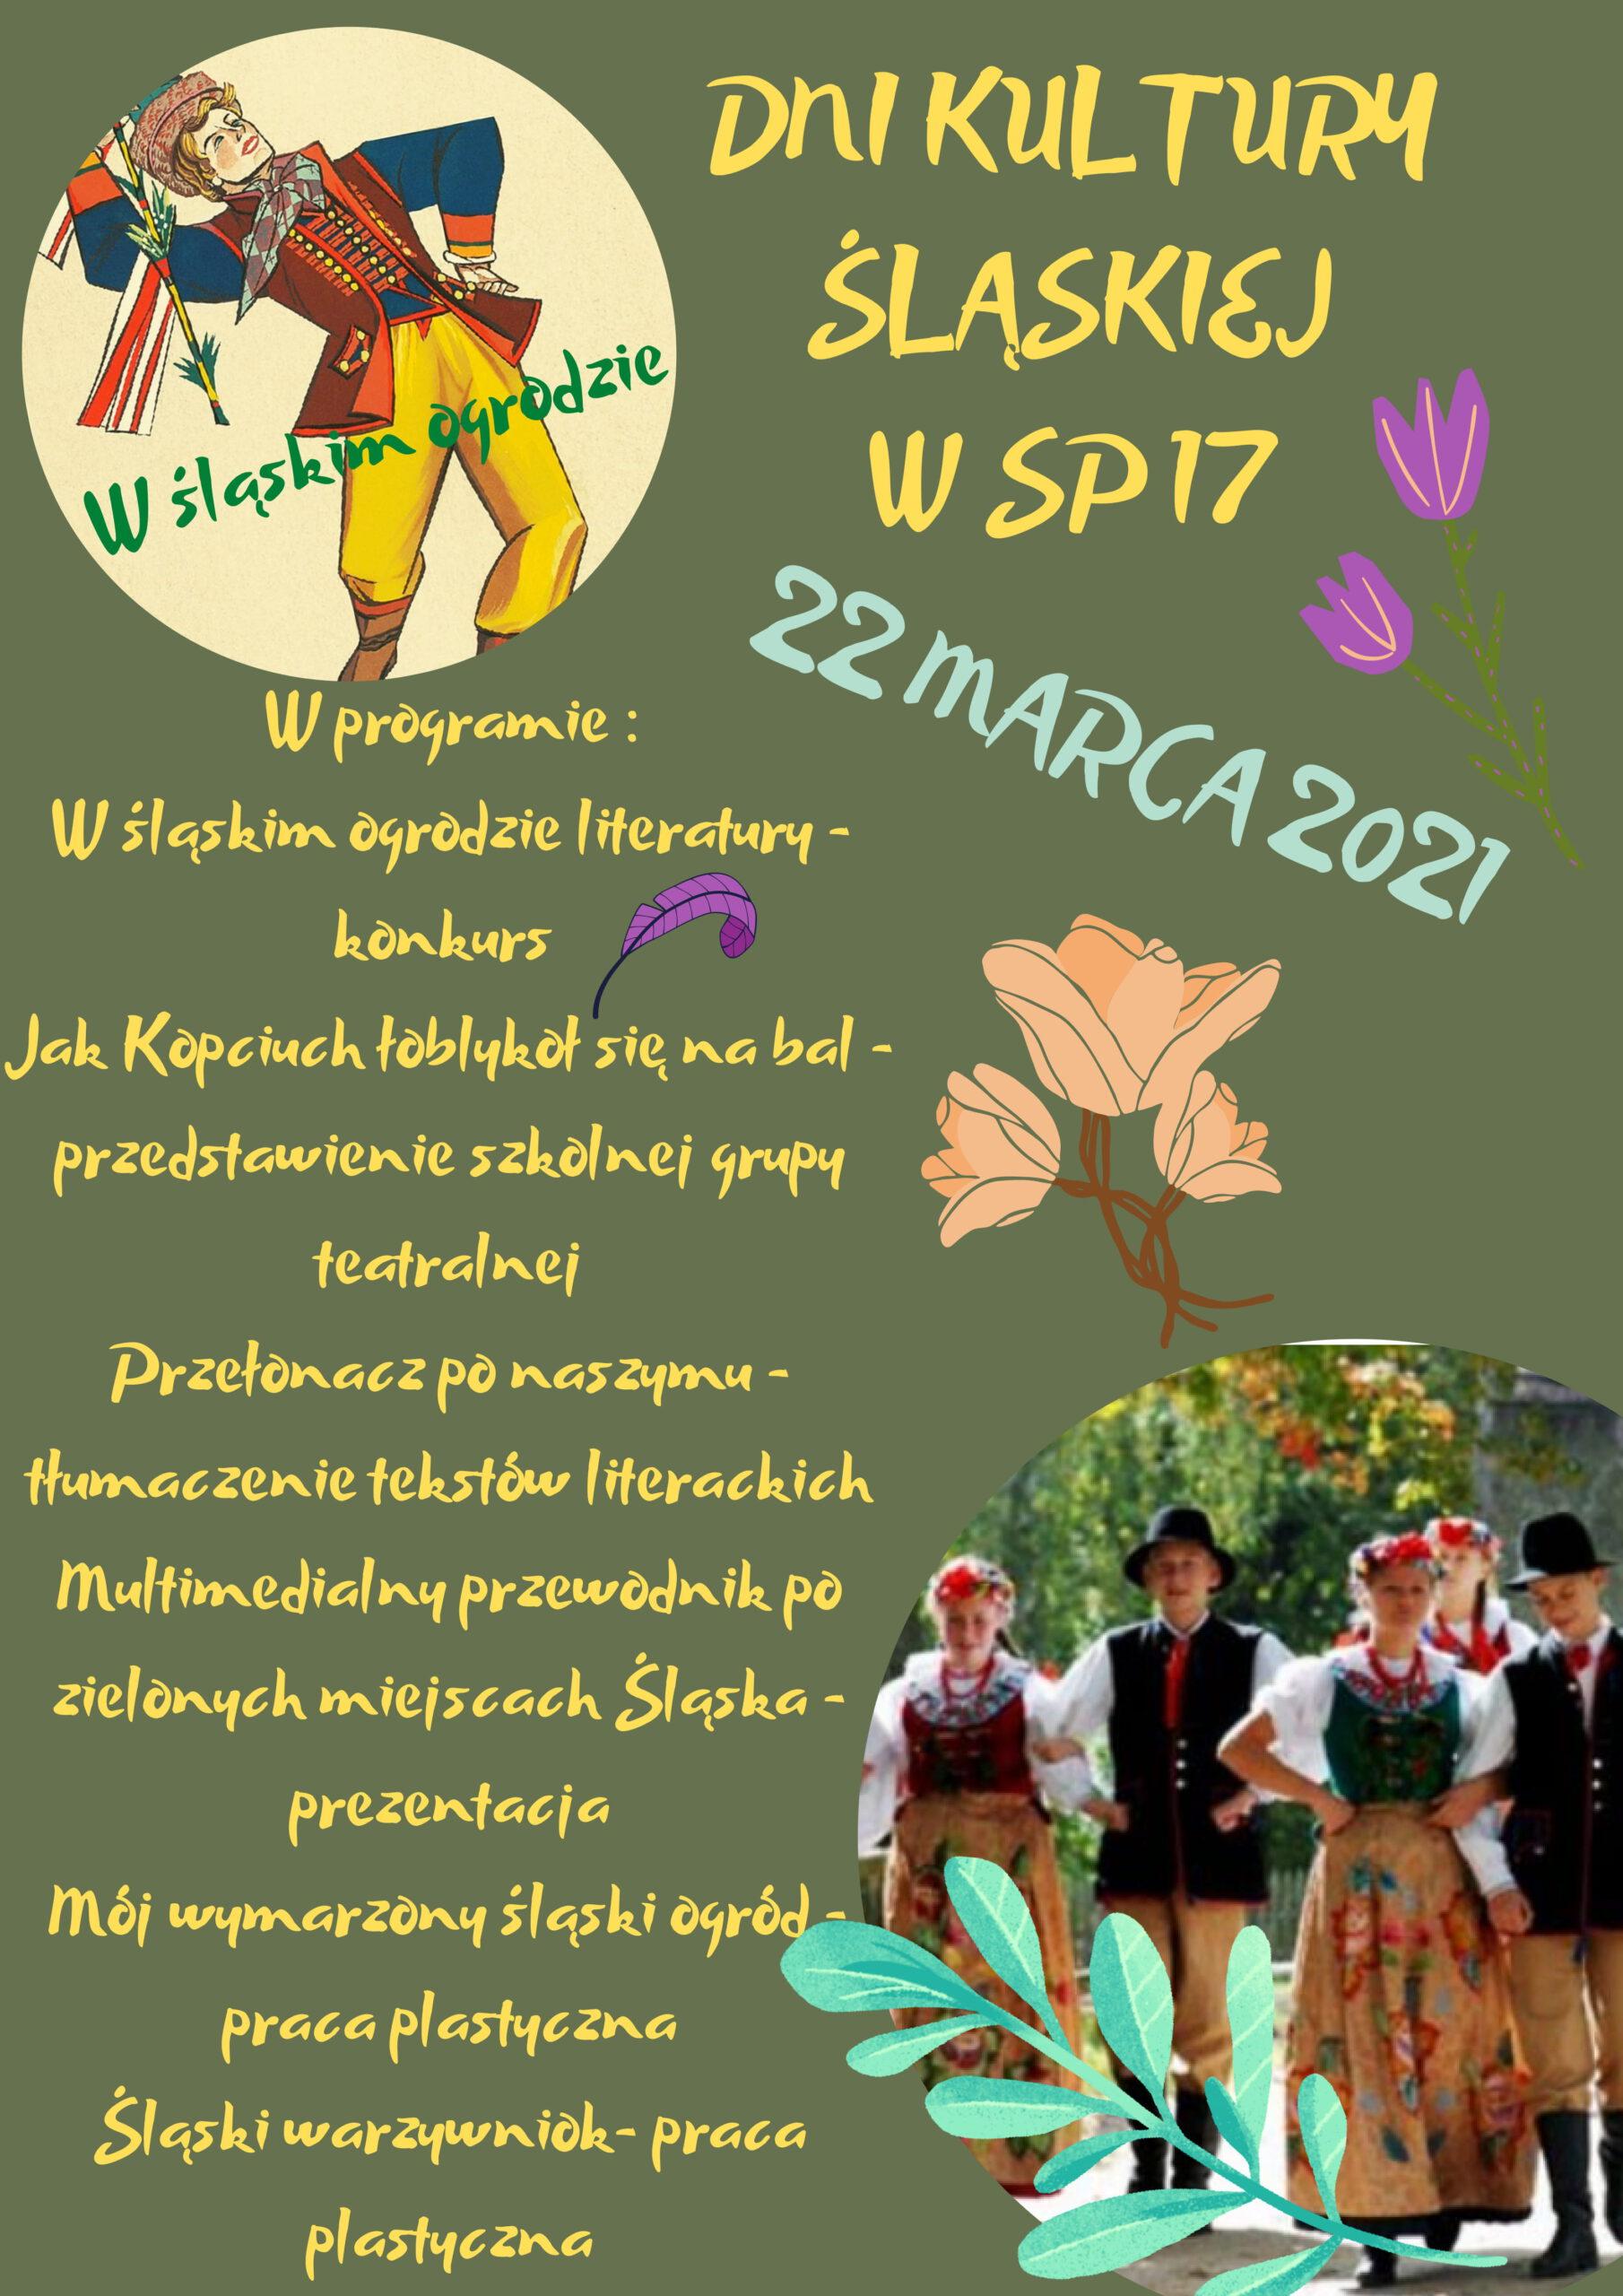 dni kultury śląskiej w SP 17